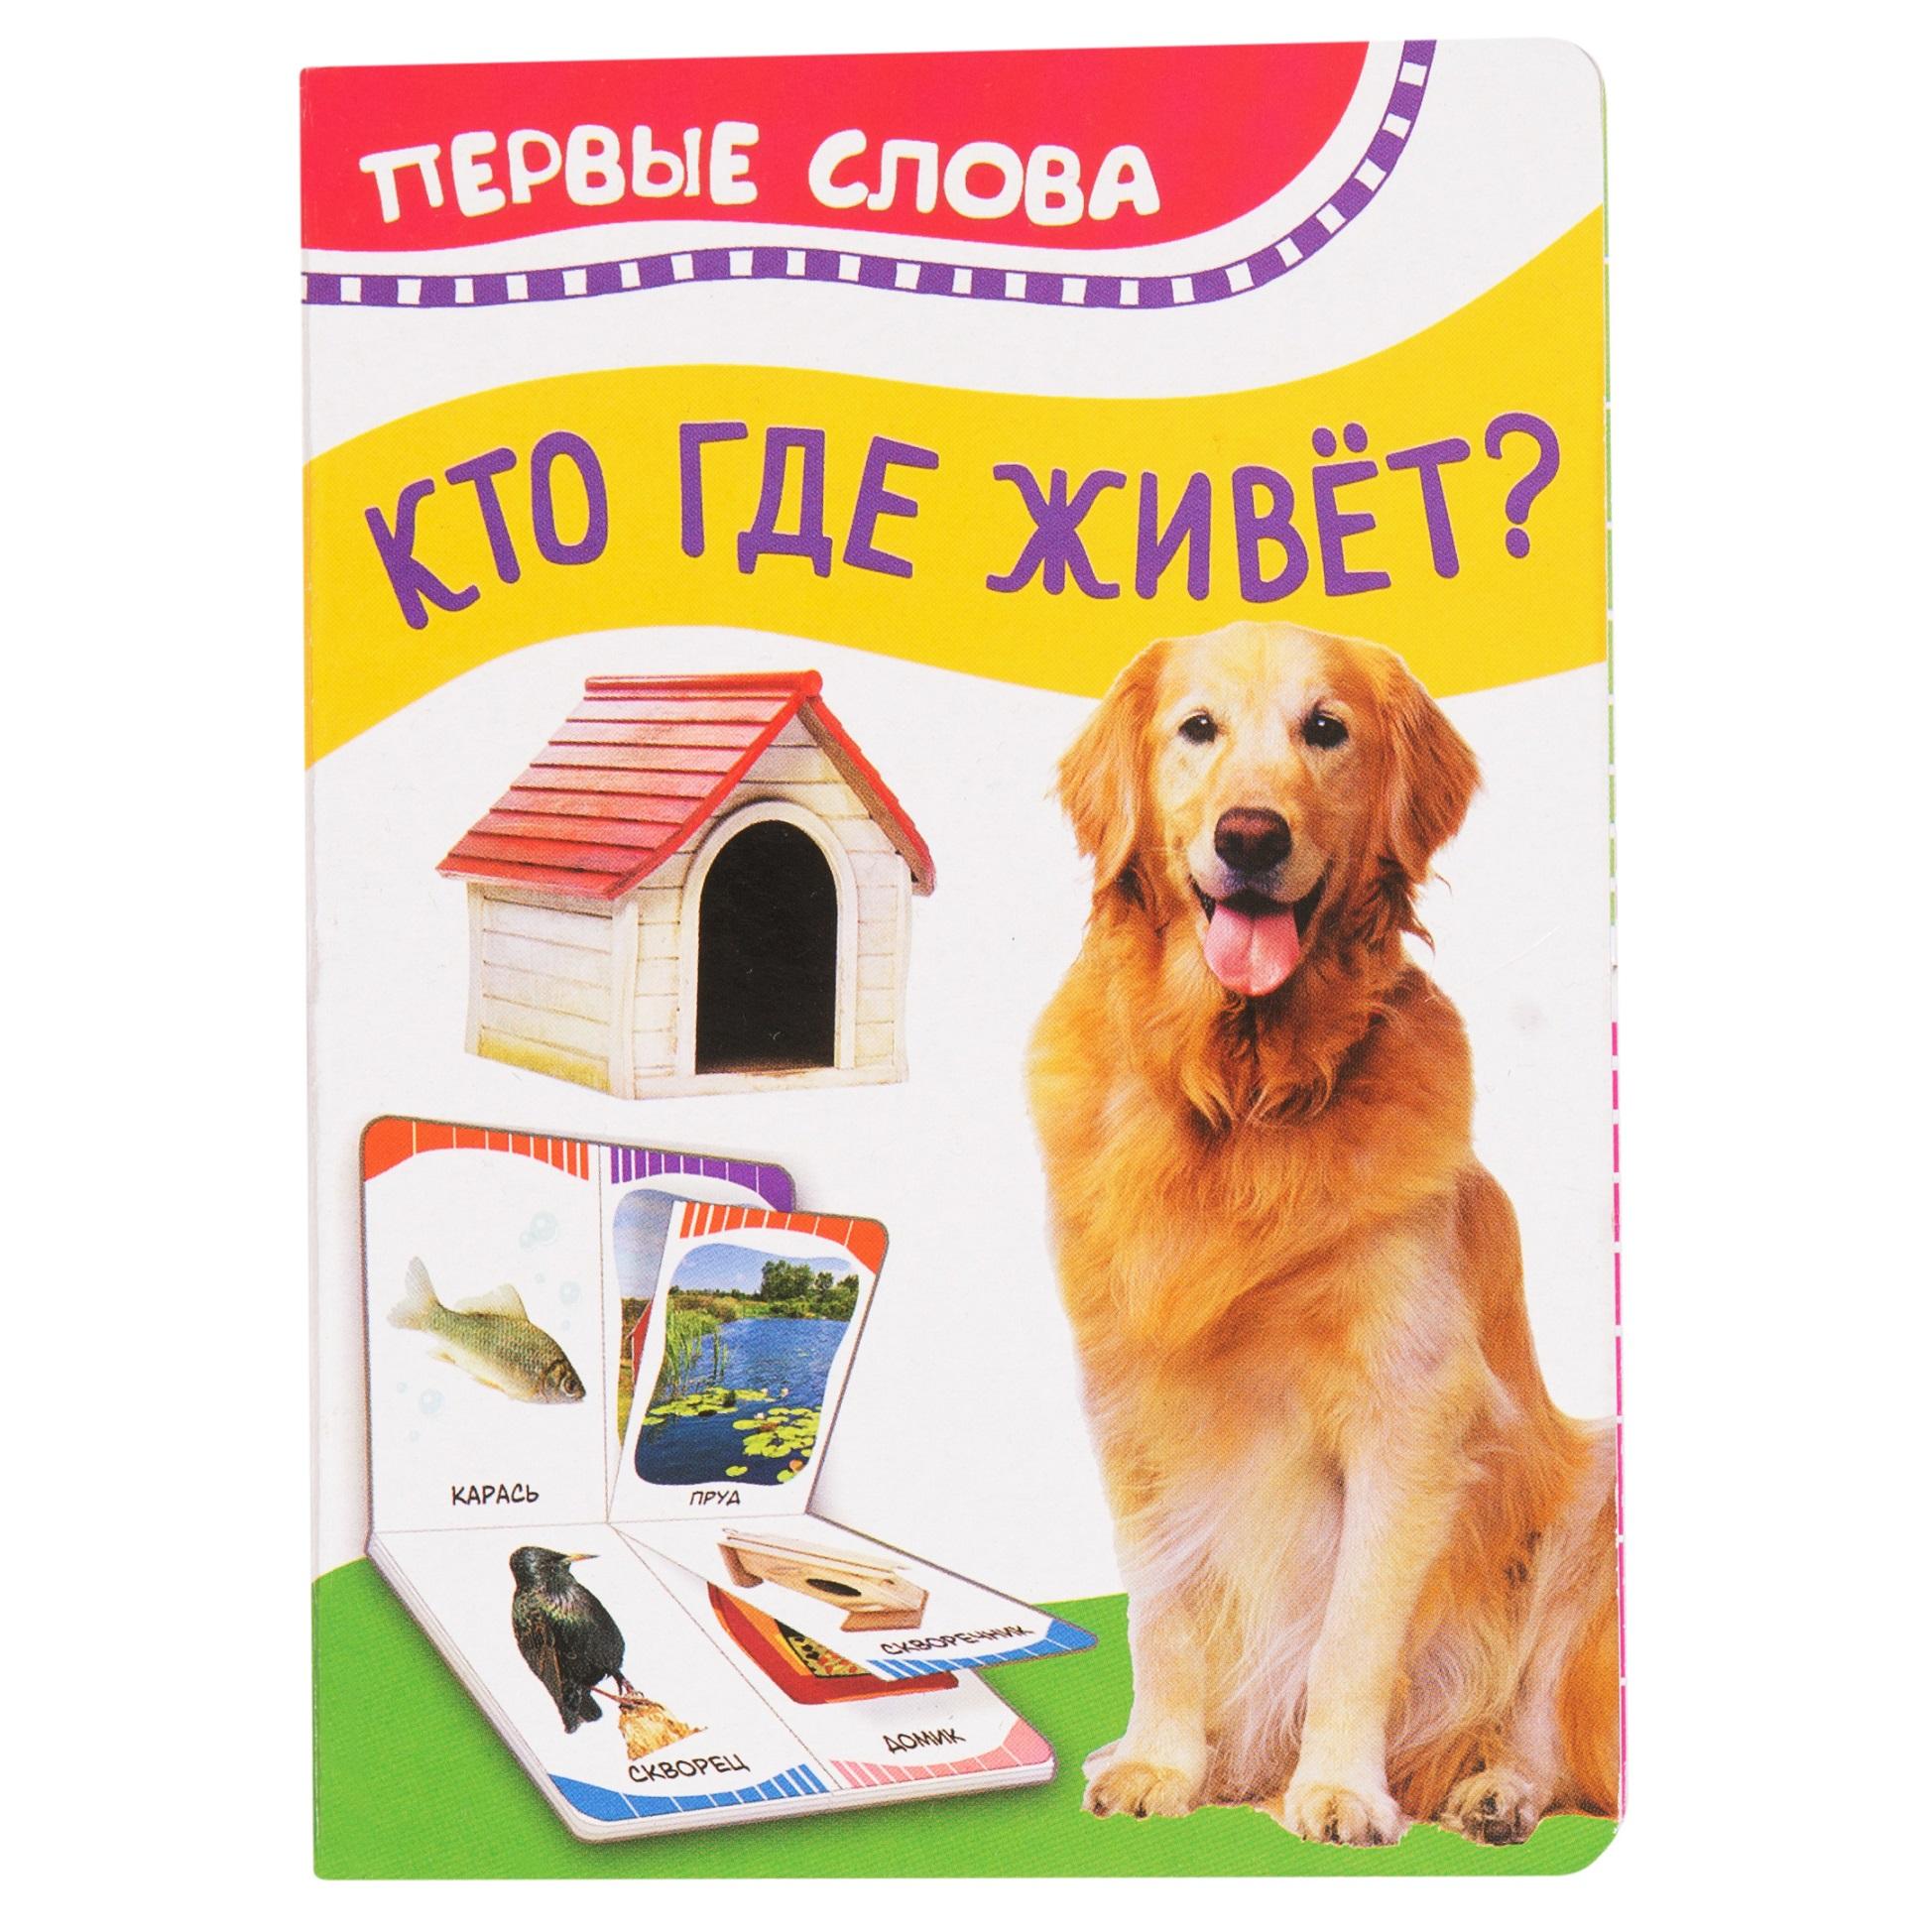 цены на Котятова Н. И. Кто где живет (Первые слова)  в интернет-магазинах